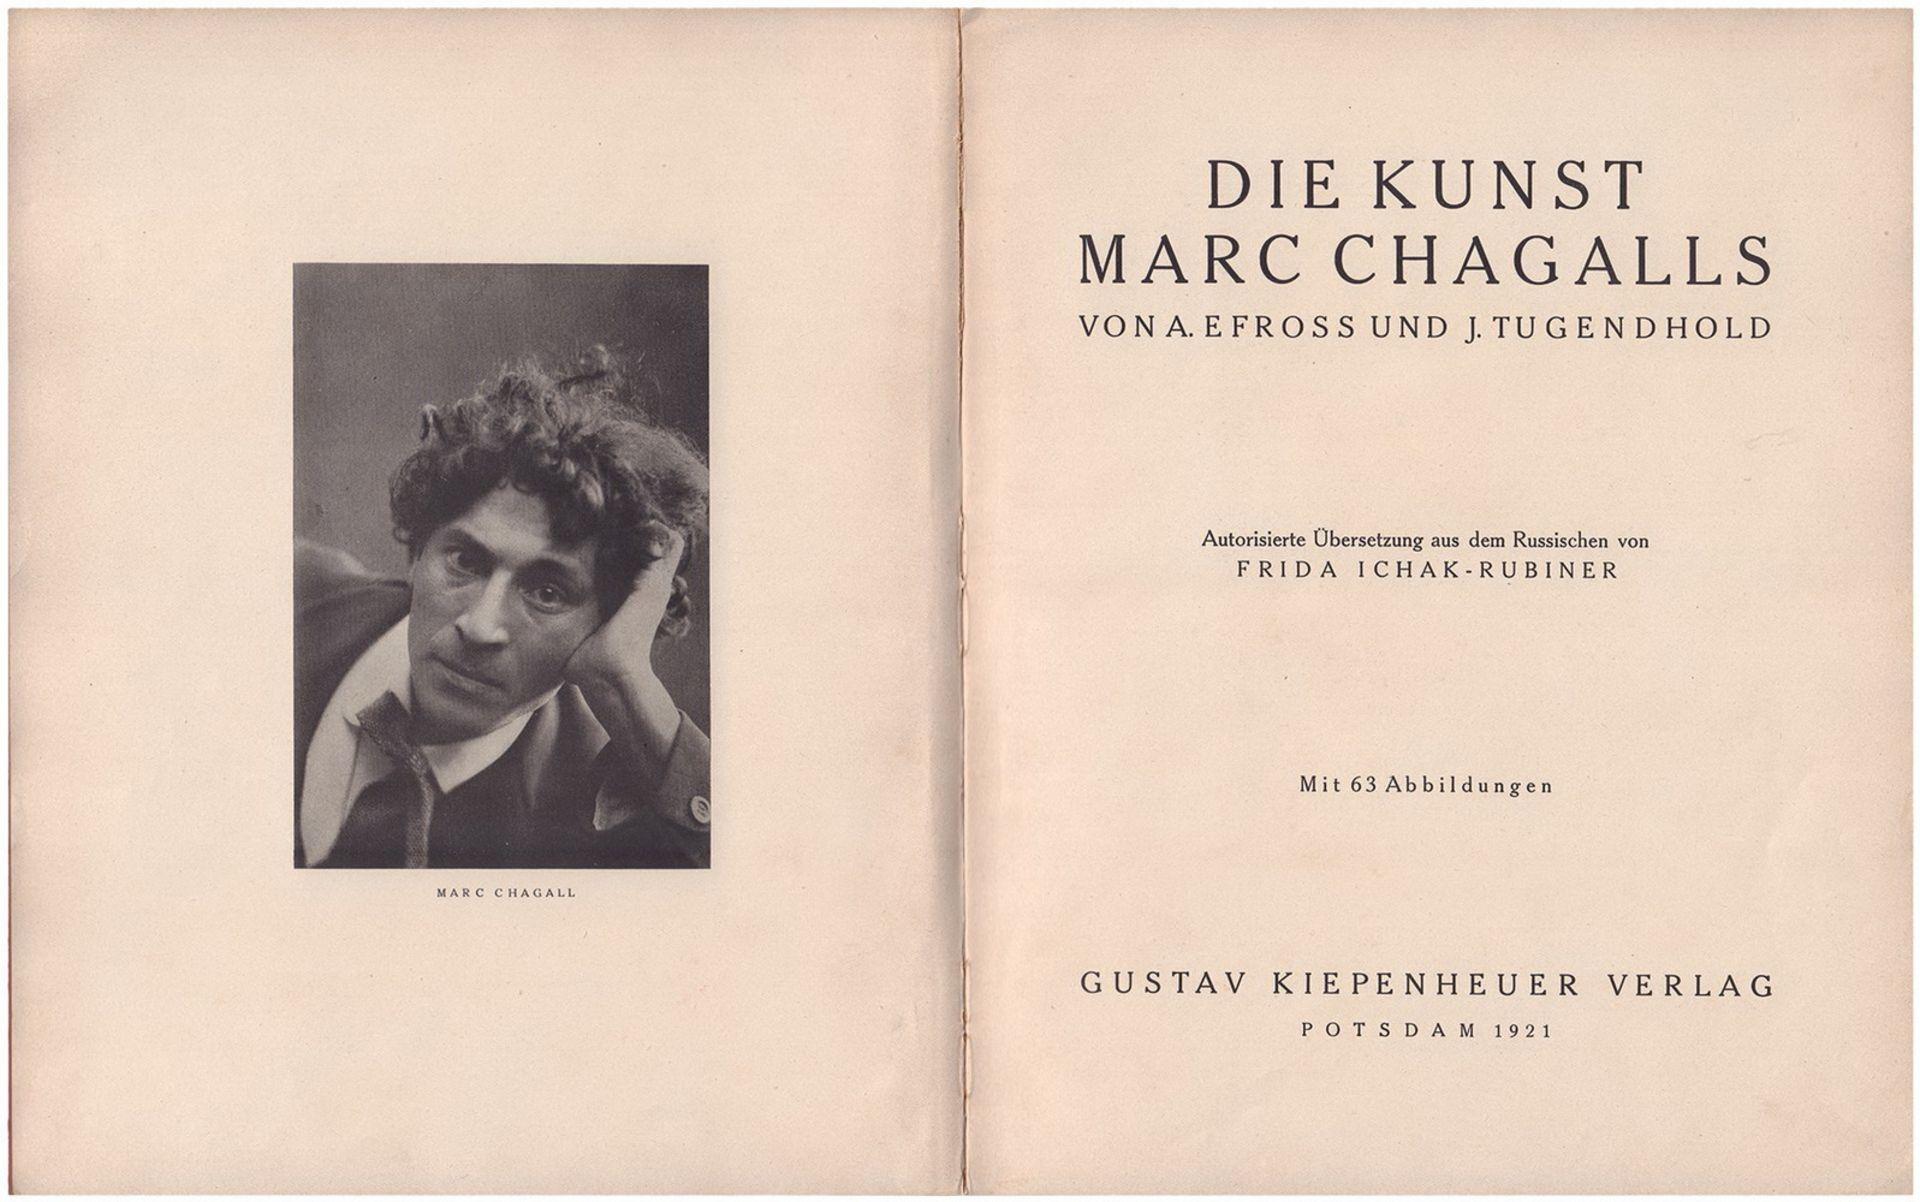 Efross, A., Tugendhold. J. Die Kunst Marc Chagalls, von A. Efross und J. Tugendhold / Autorisierte U - Bild 2 aus 4